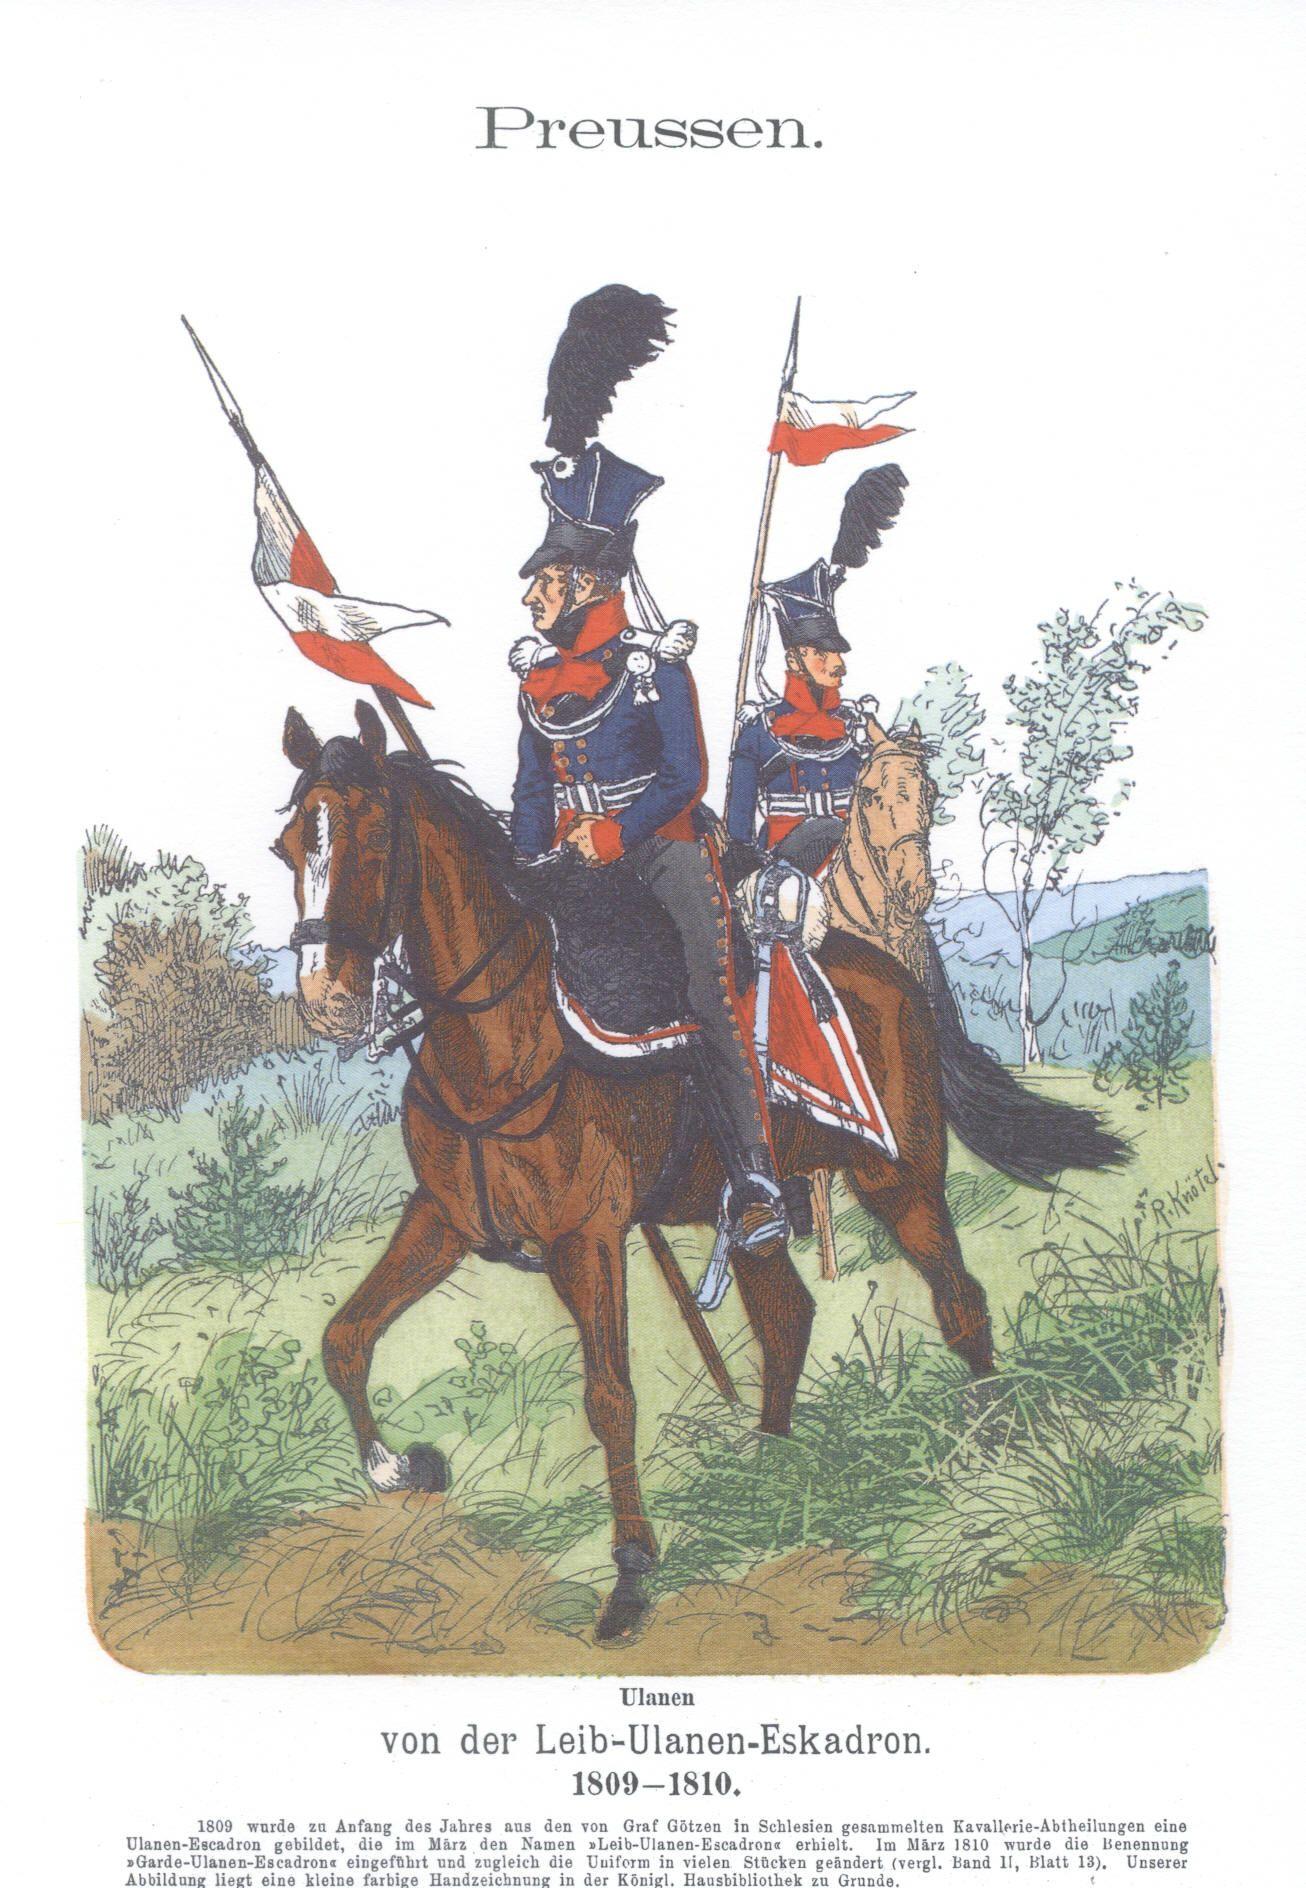 Vol 11 - Pl 19 - Preußen. Ulanen von der Leib-Ulanen-Eskadron 1809-1810.